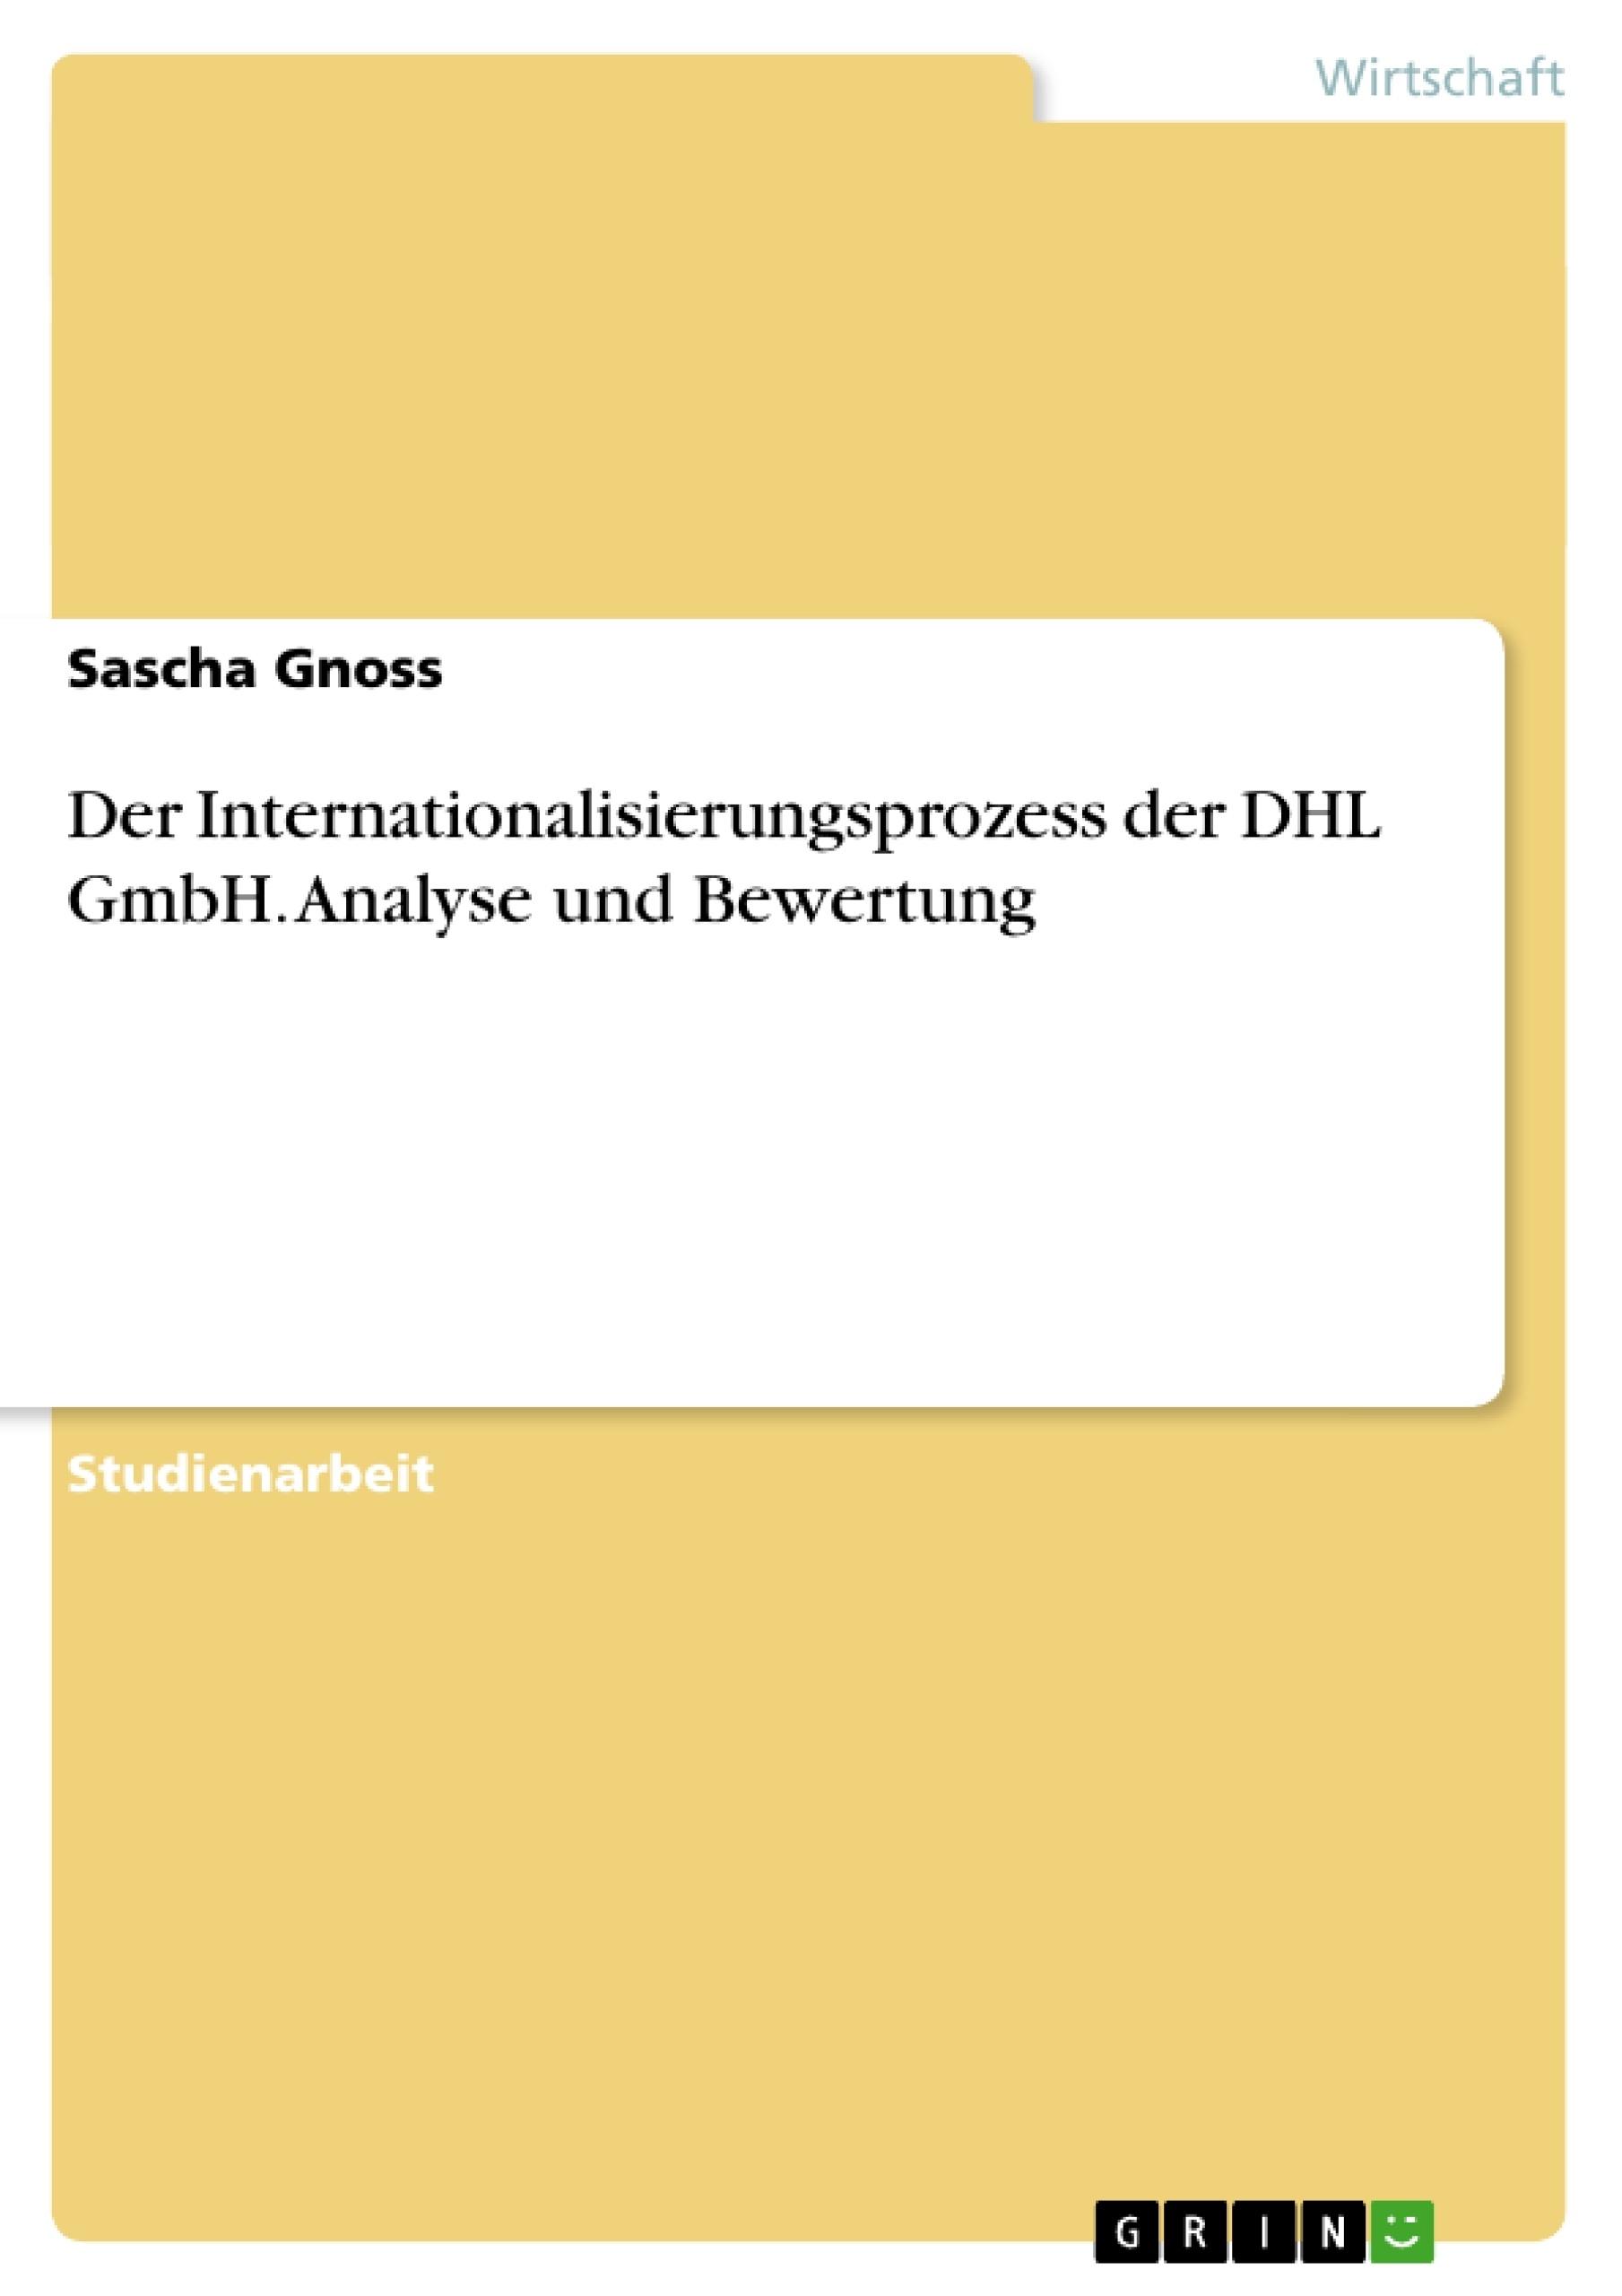 Titel: Der Internationalisierungsprozess der DHL GmbH. Analyse und Bewertung